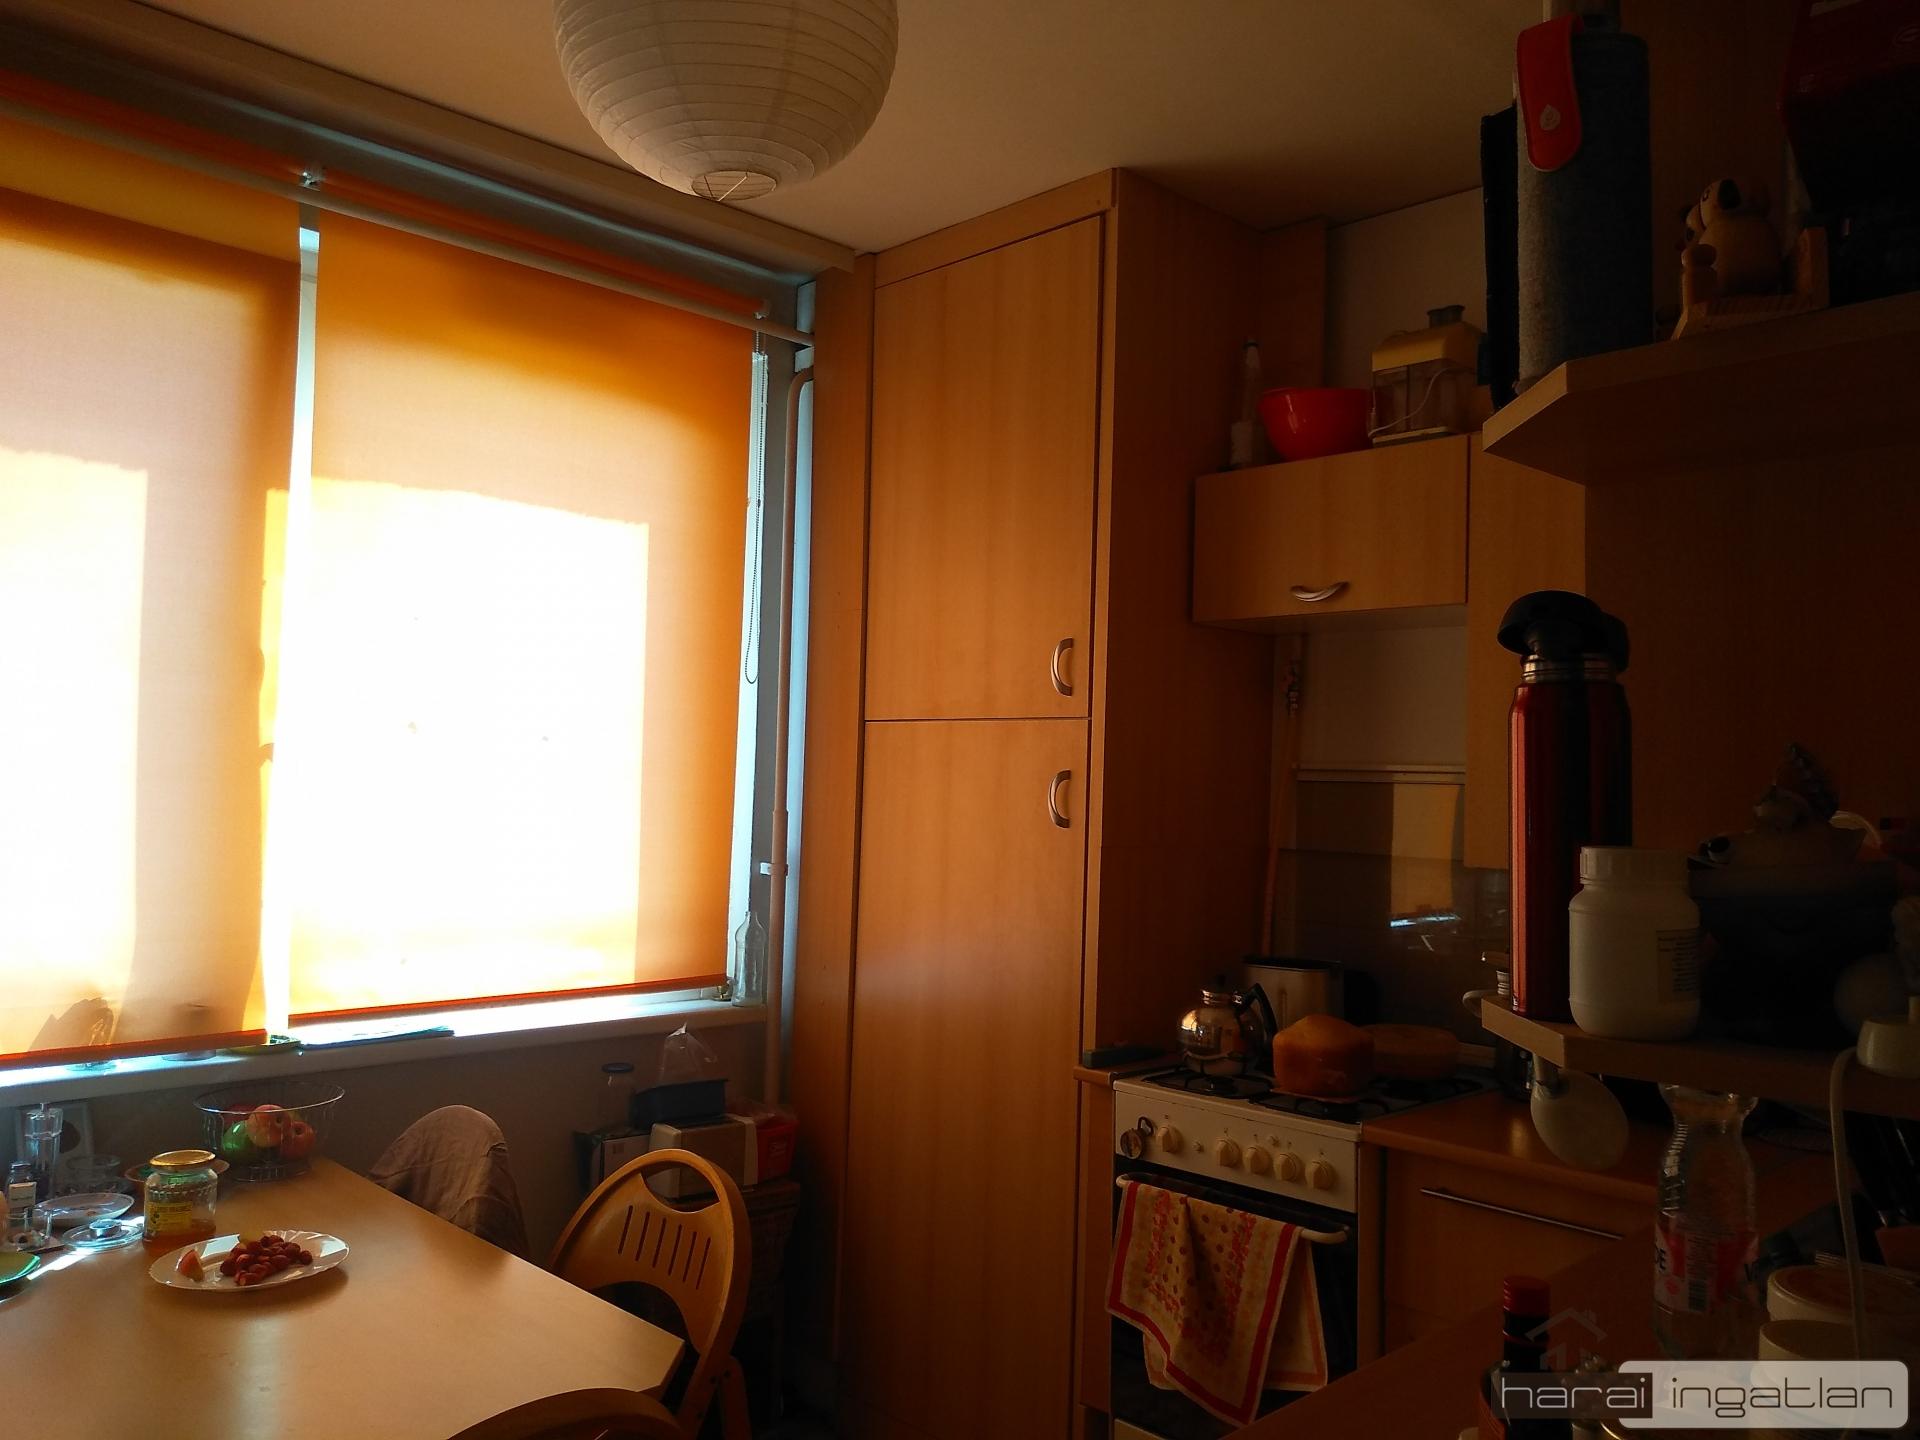 1041 Budapest IV. Kerület 4 Eladó Lakás (#0301202087)